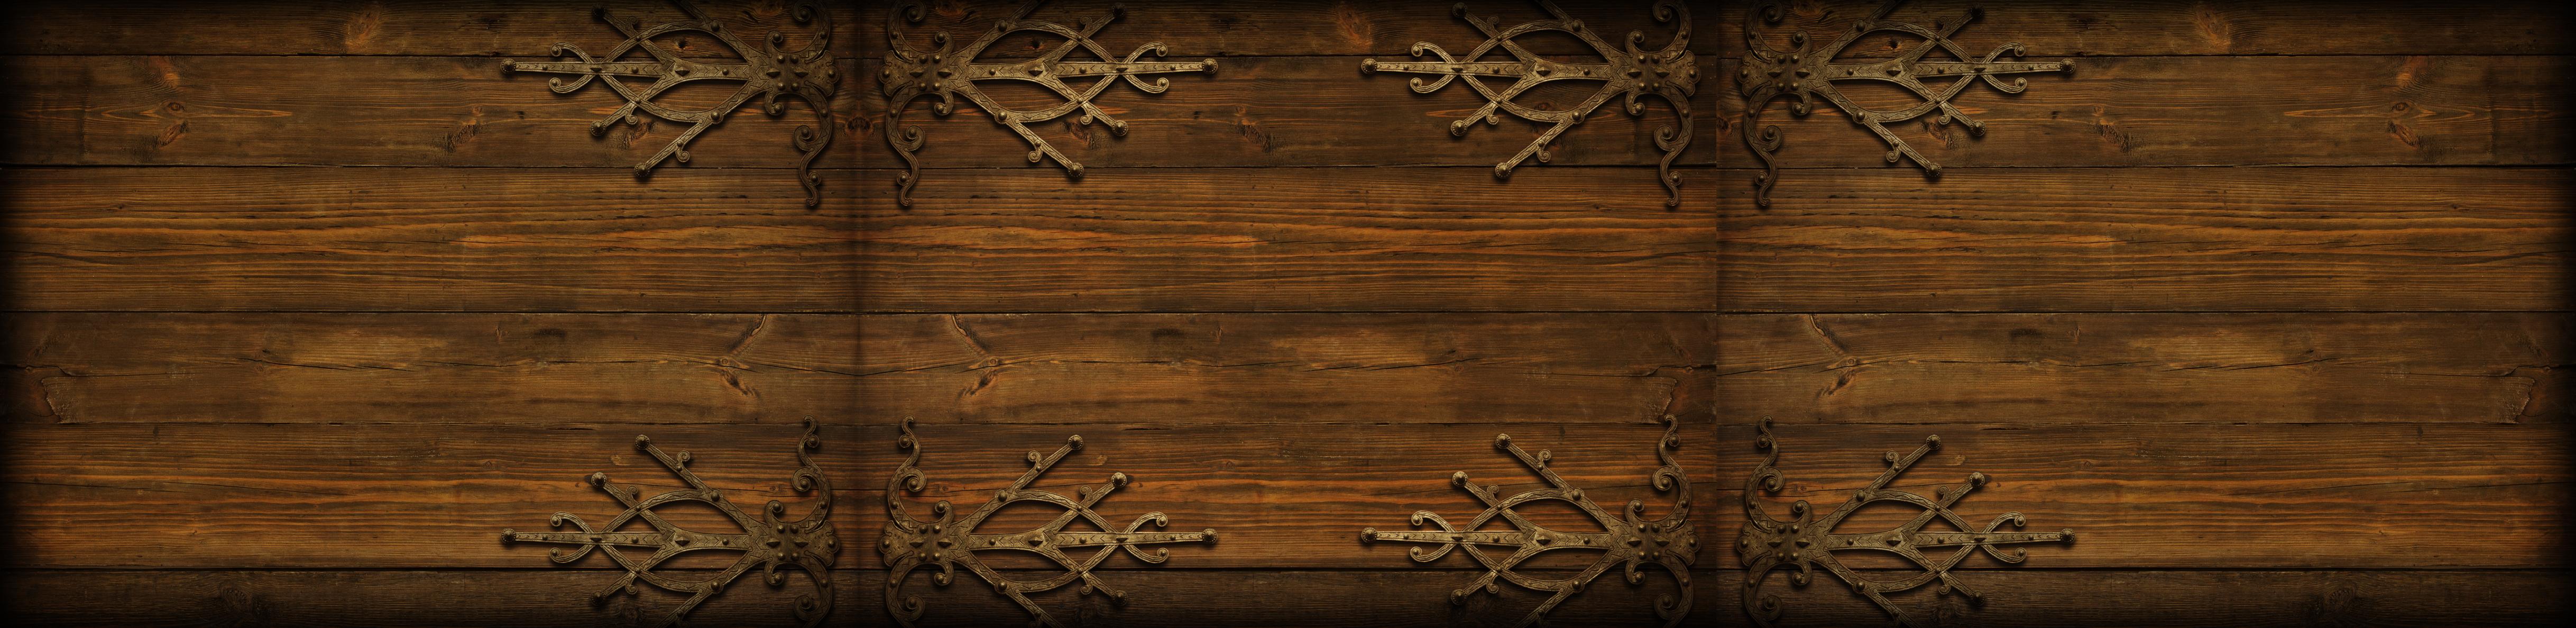 mast wood3